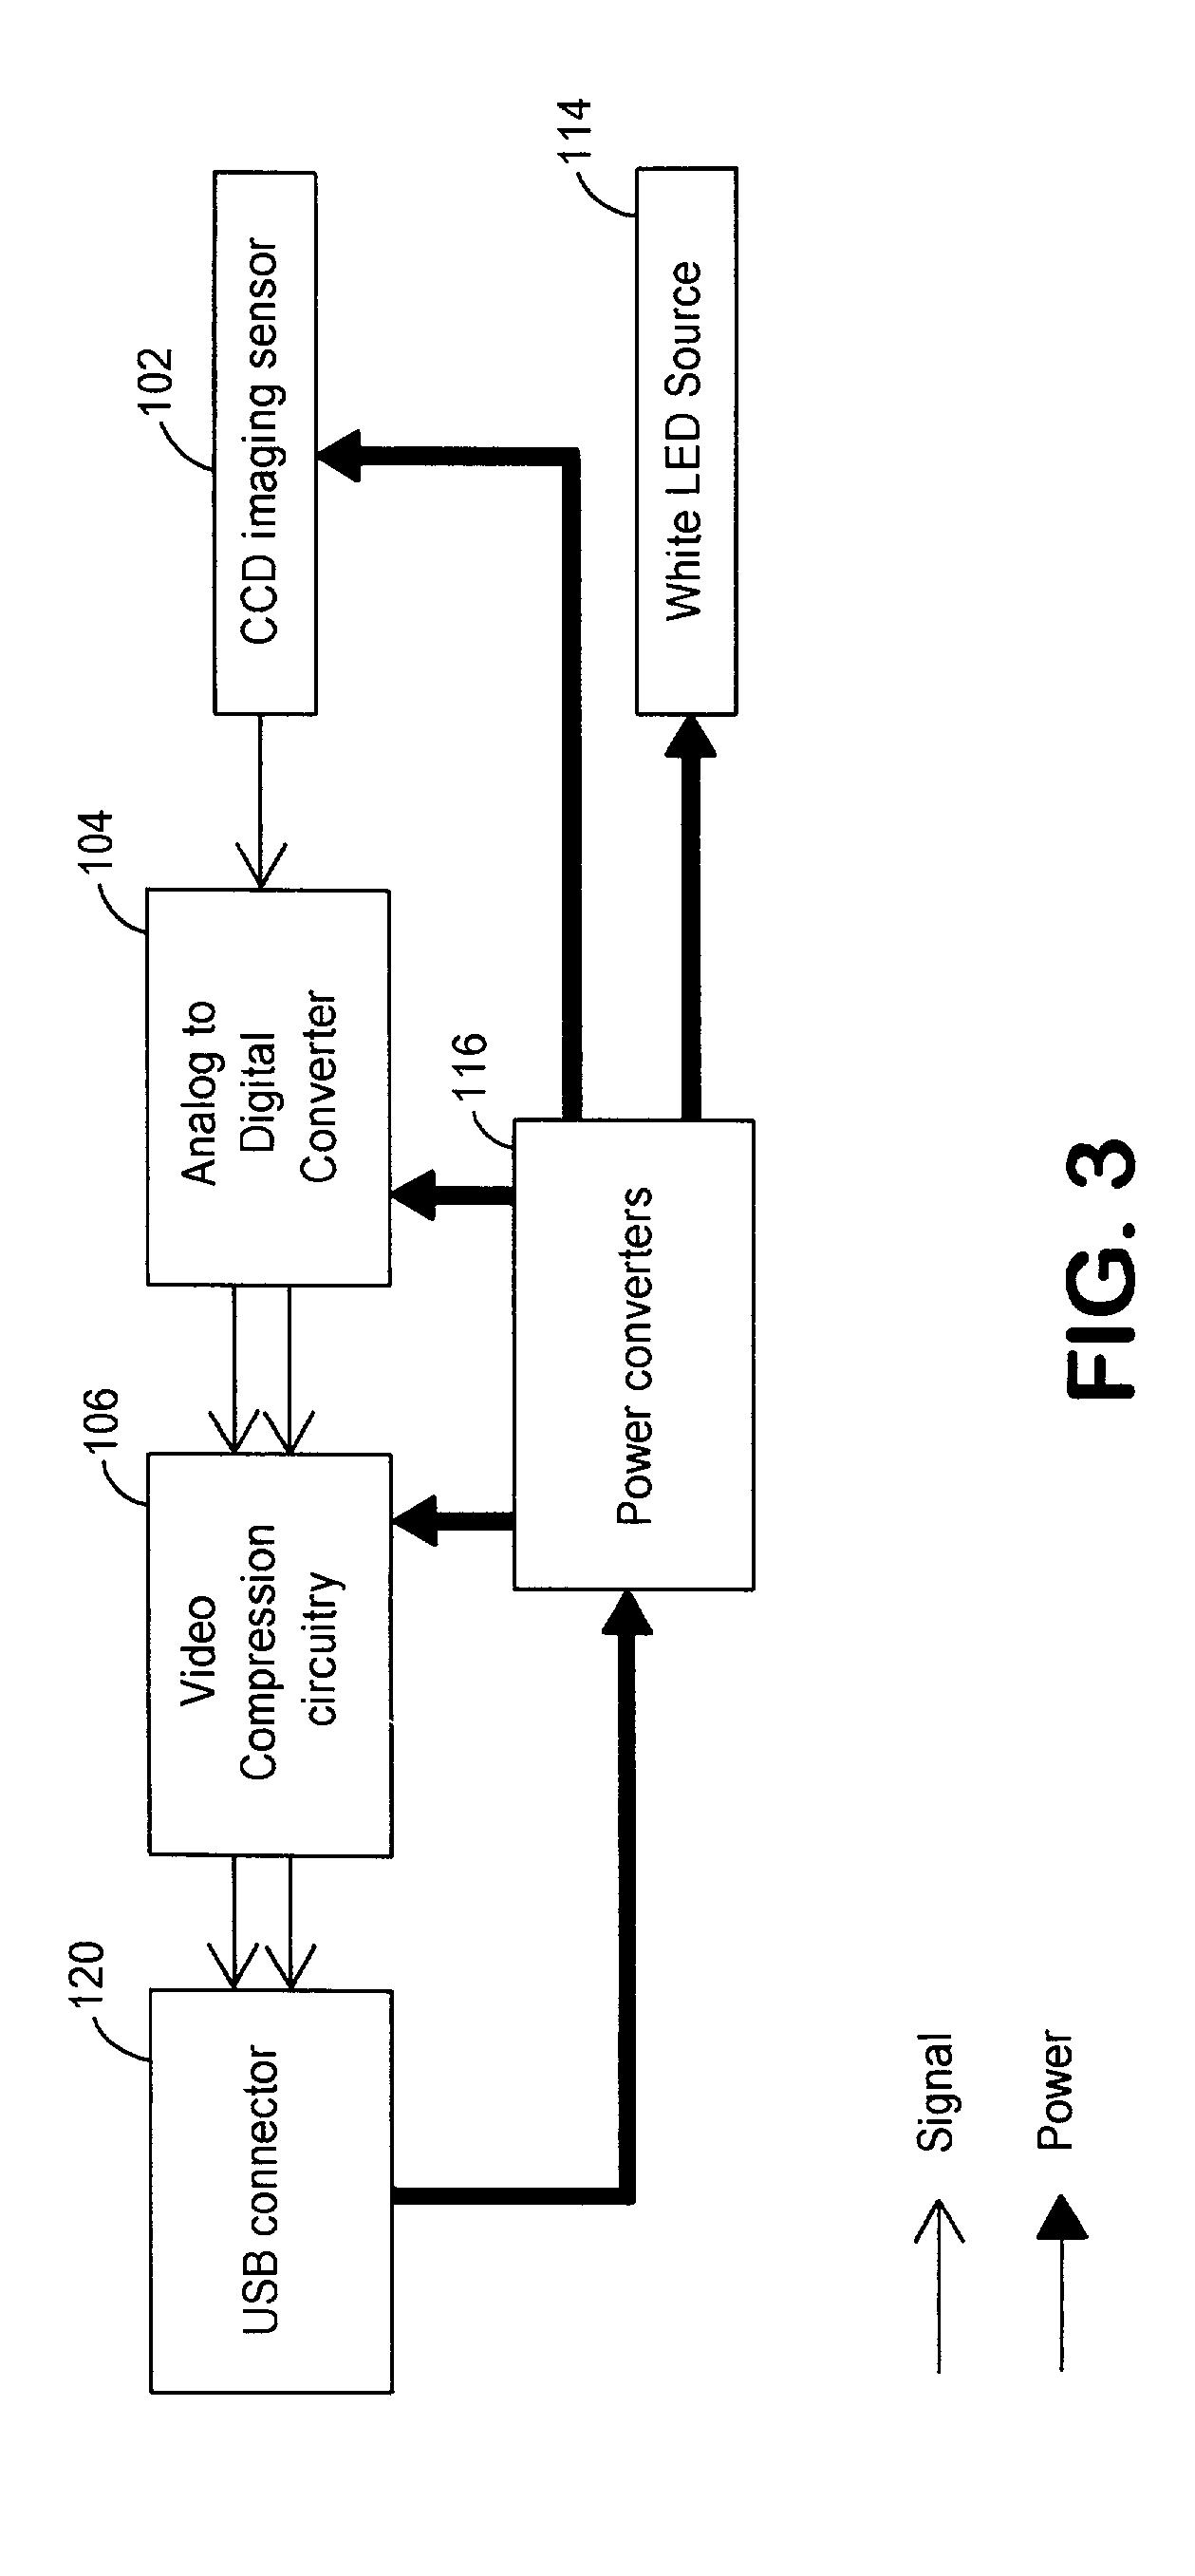 patent us20040038169